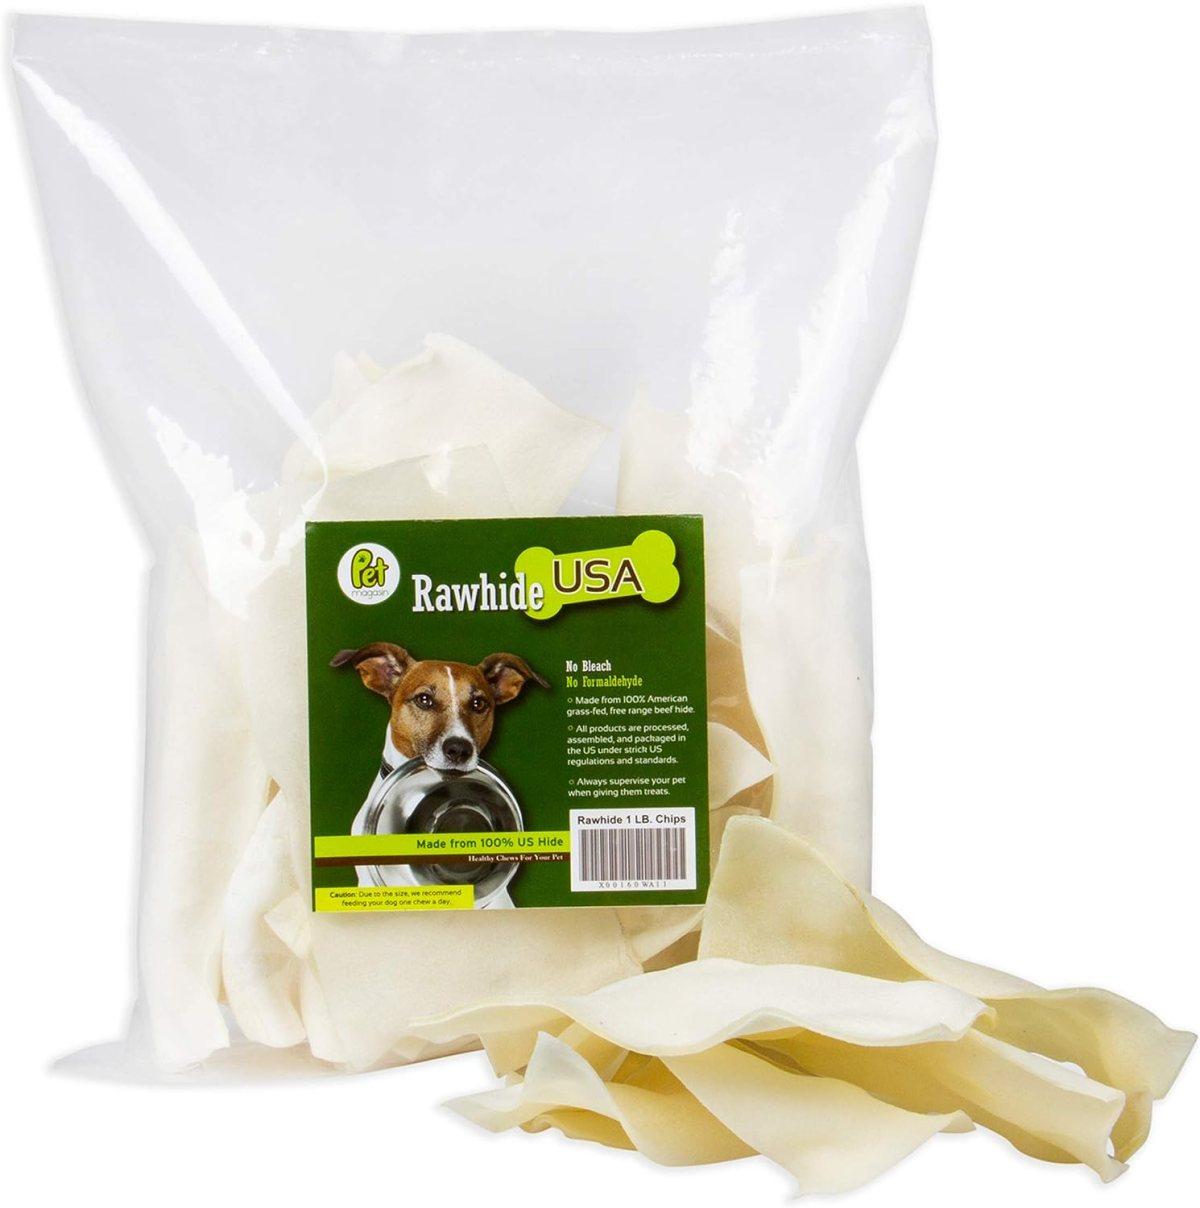 Patatas de Cuero Crudo Natural – Caprichos Excelentes y de Larga duración para Perros con cueros de Ternera Cortados, procesados sin aditivos ni químicos